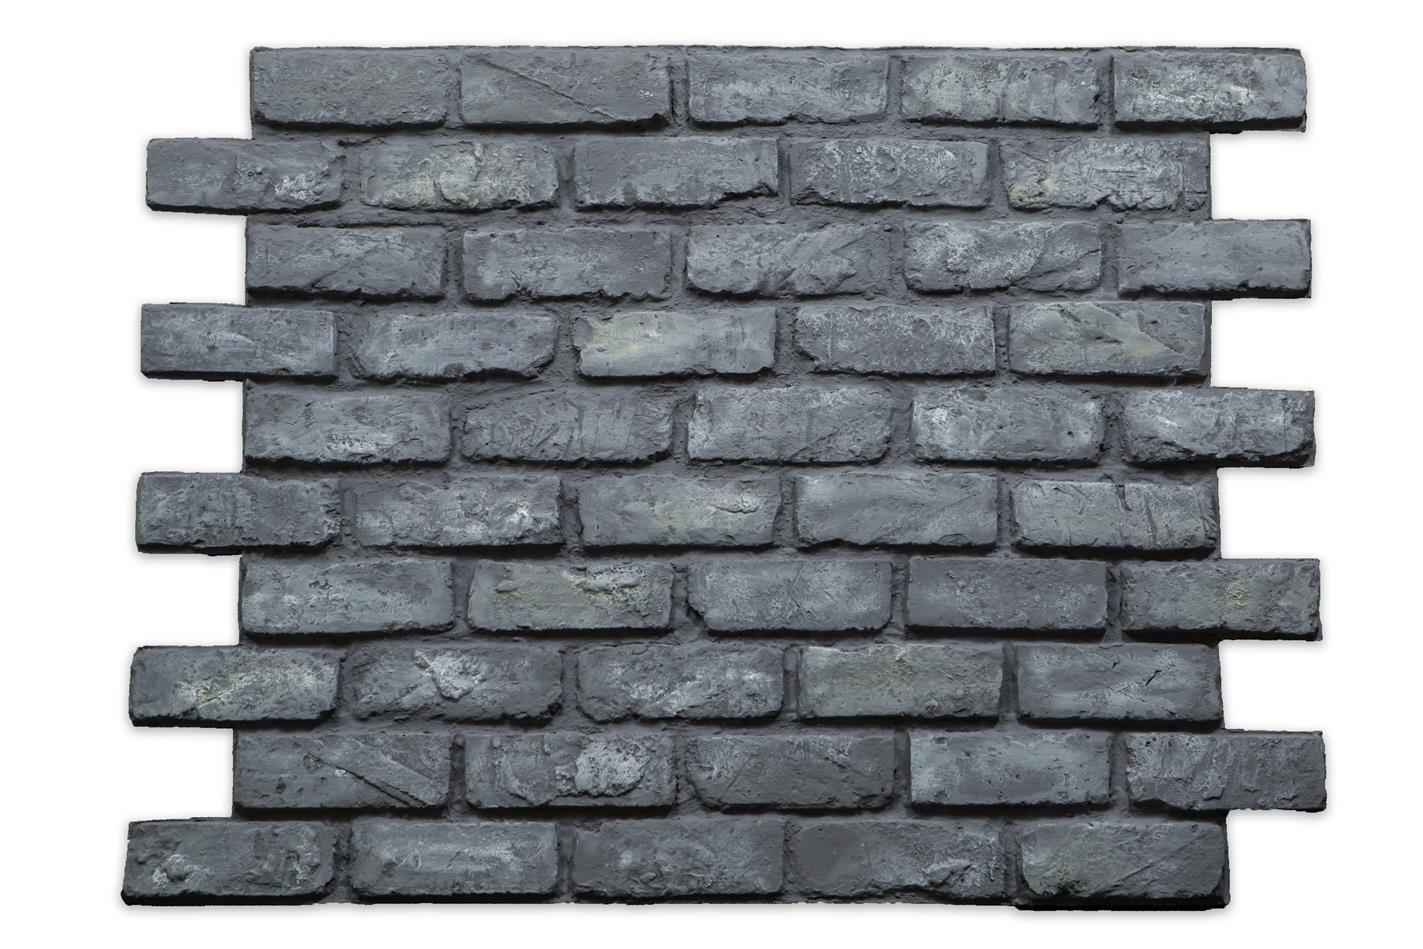 נפלאות חיפוי קירות| בול פרקט |חיפוי קירות דמוי אבן EB-37